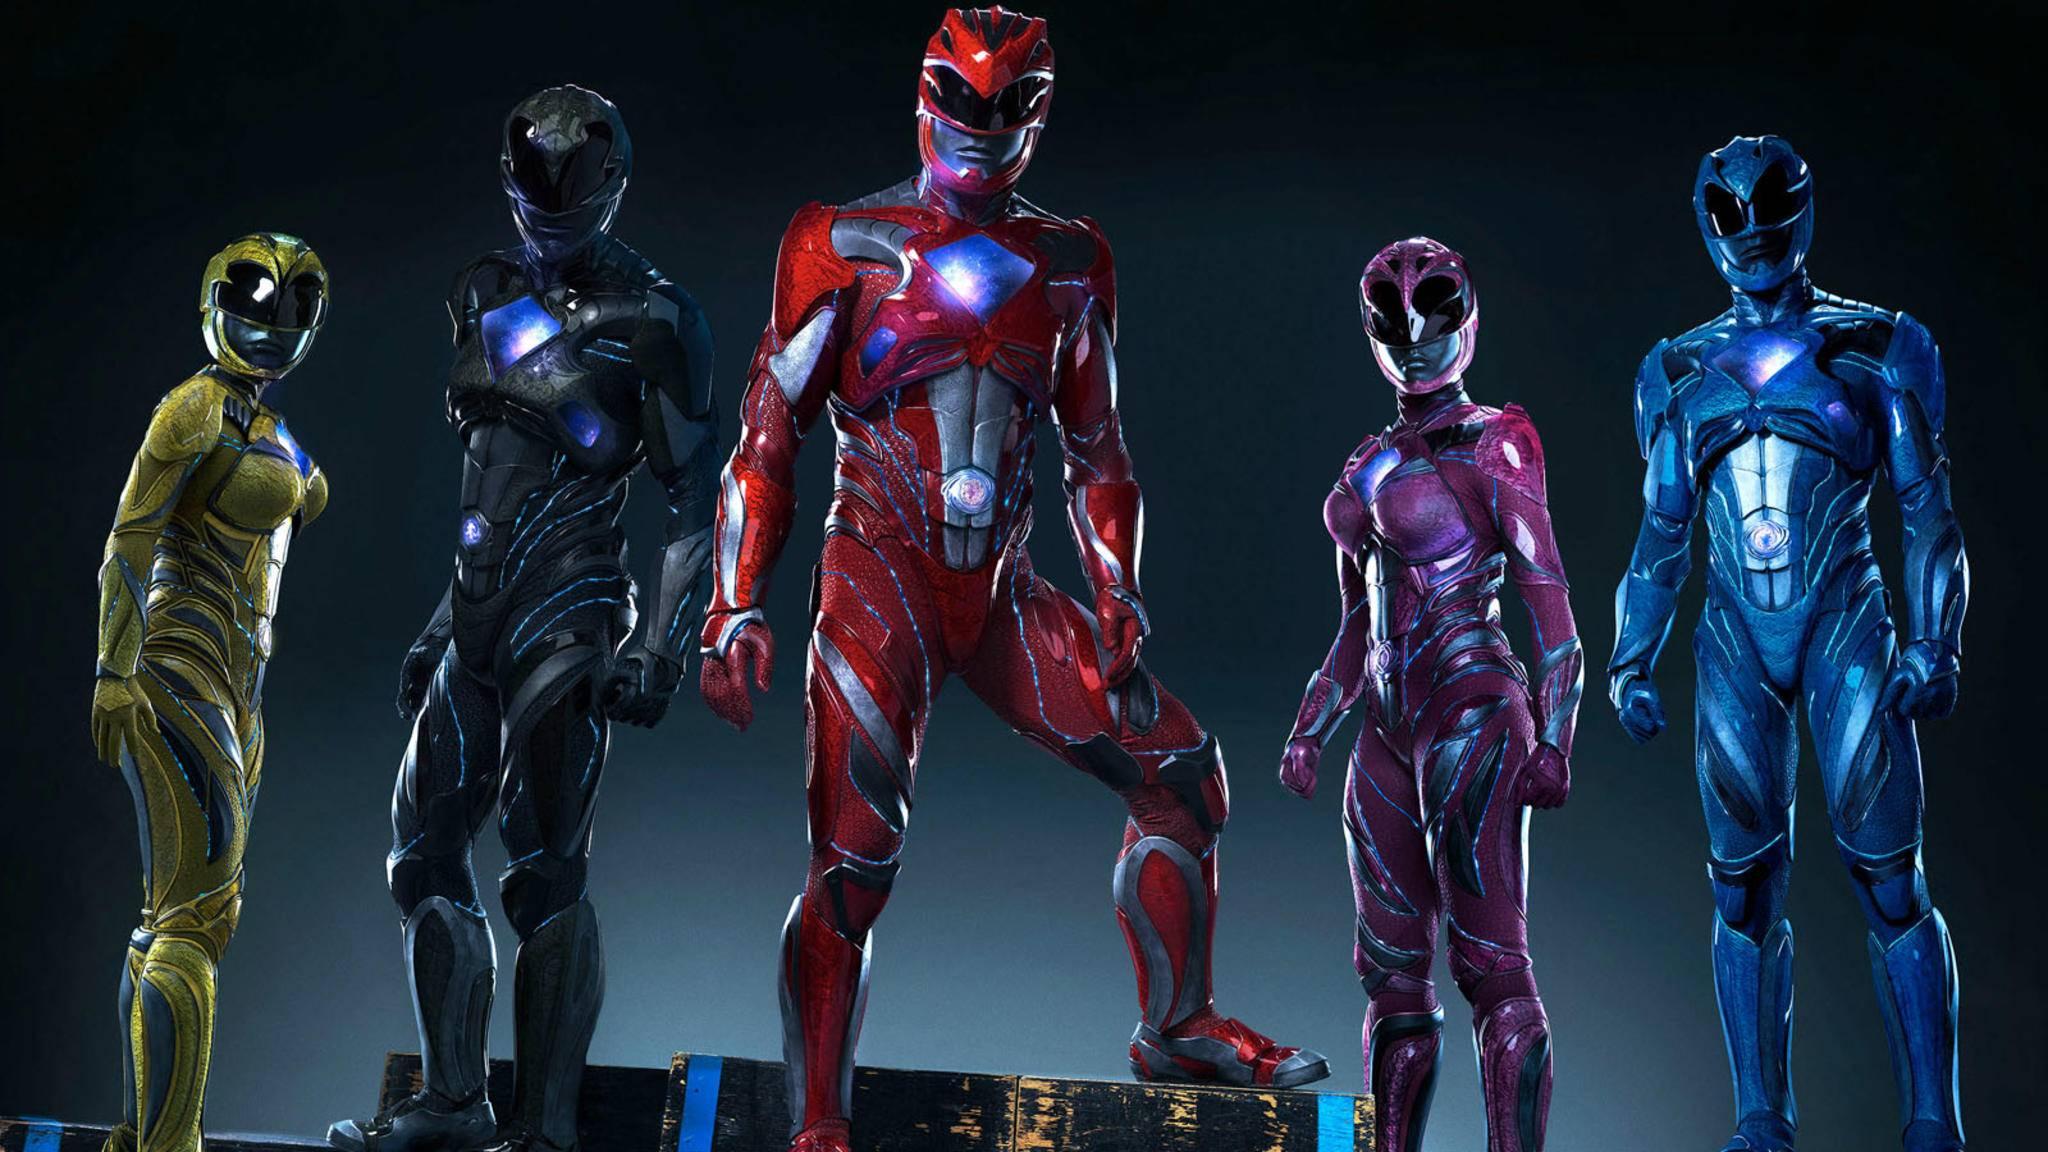 """Dean Israelites neuer """"Power Rangers""""-Film wird erstmals eine lesbische Superheldin auf die Kinoleinwand bringen."""